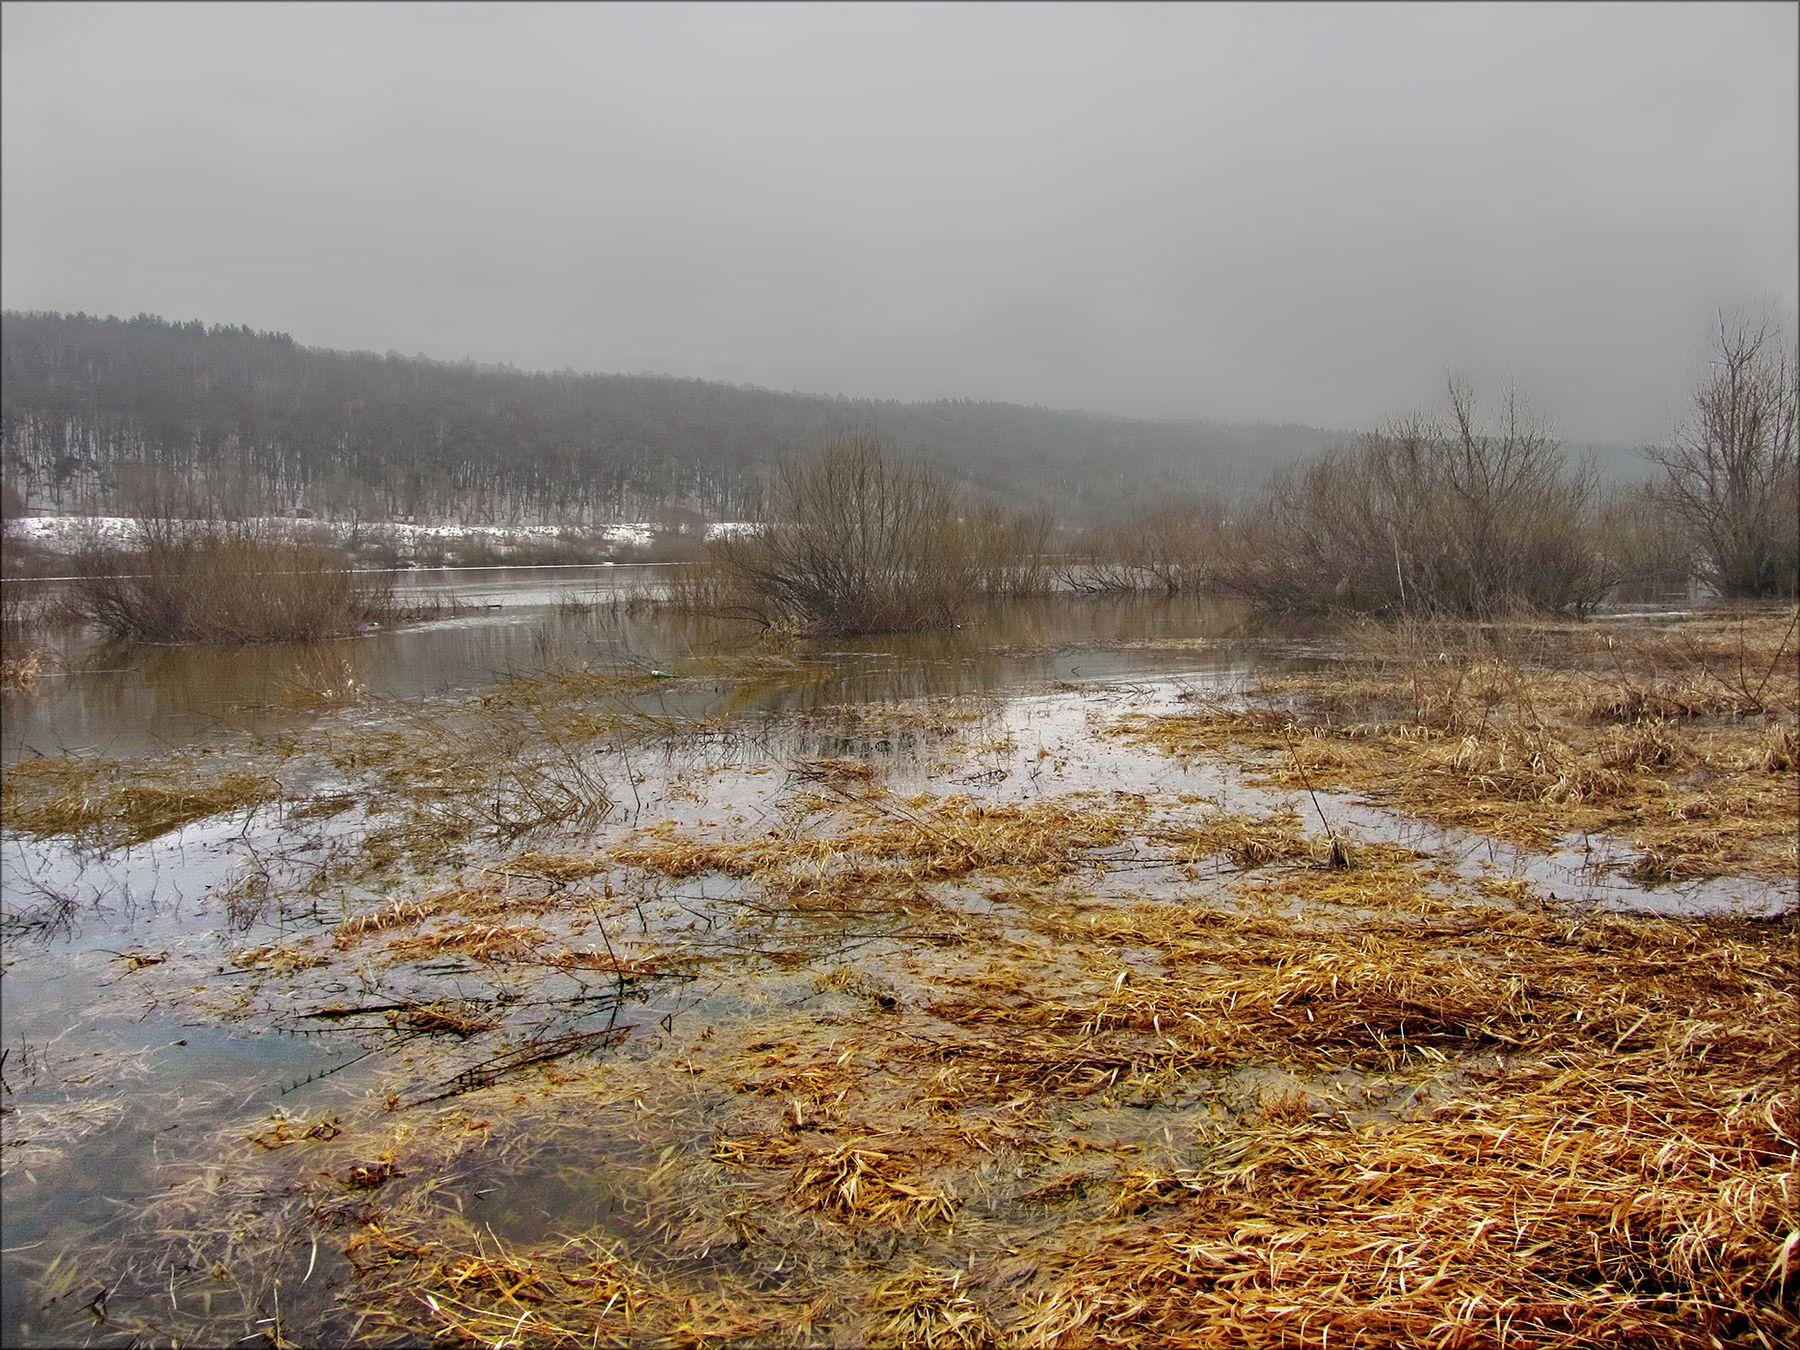 Весеннее подтопление утро пасмурно туман река берега